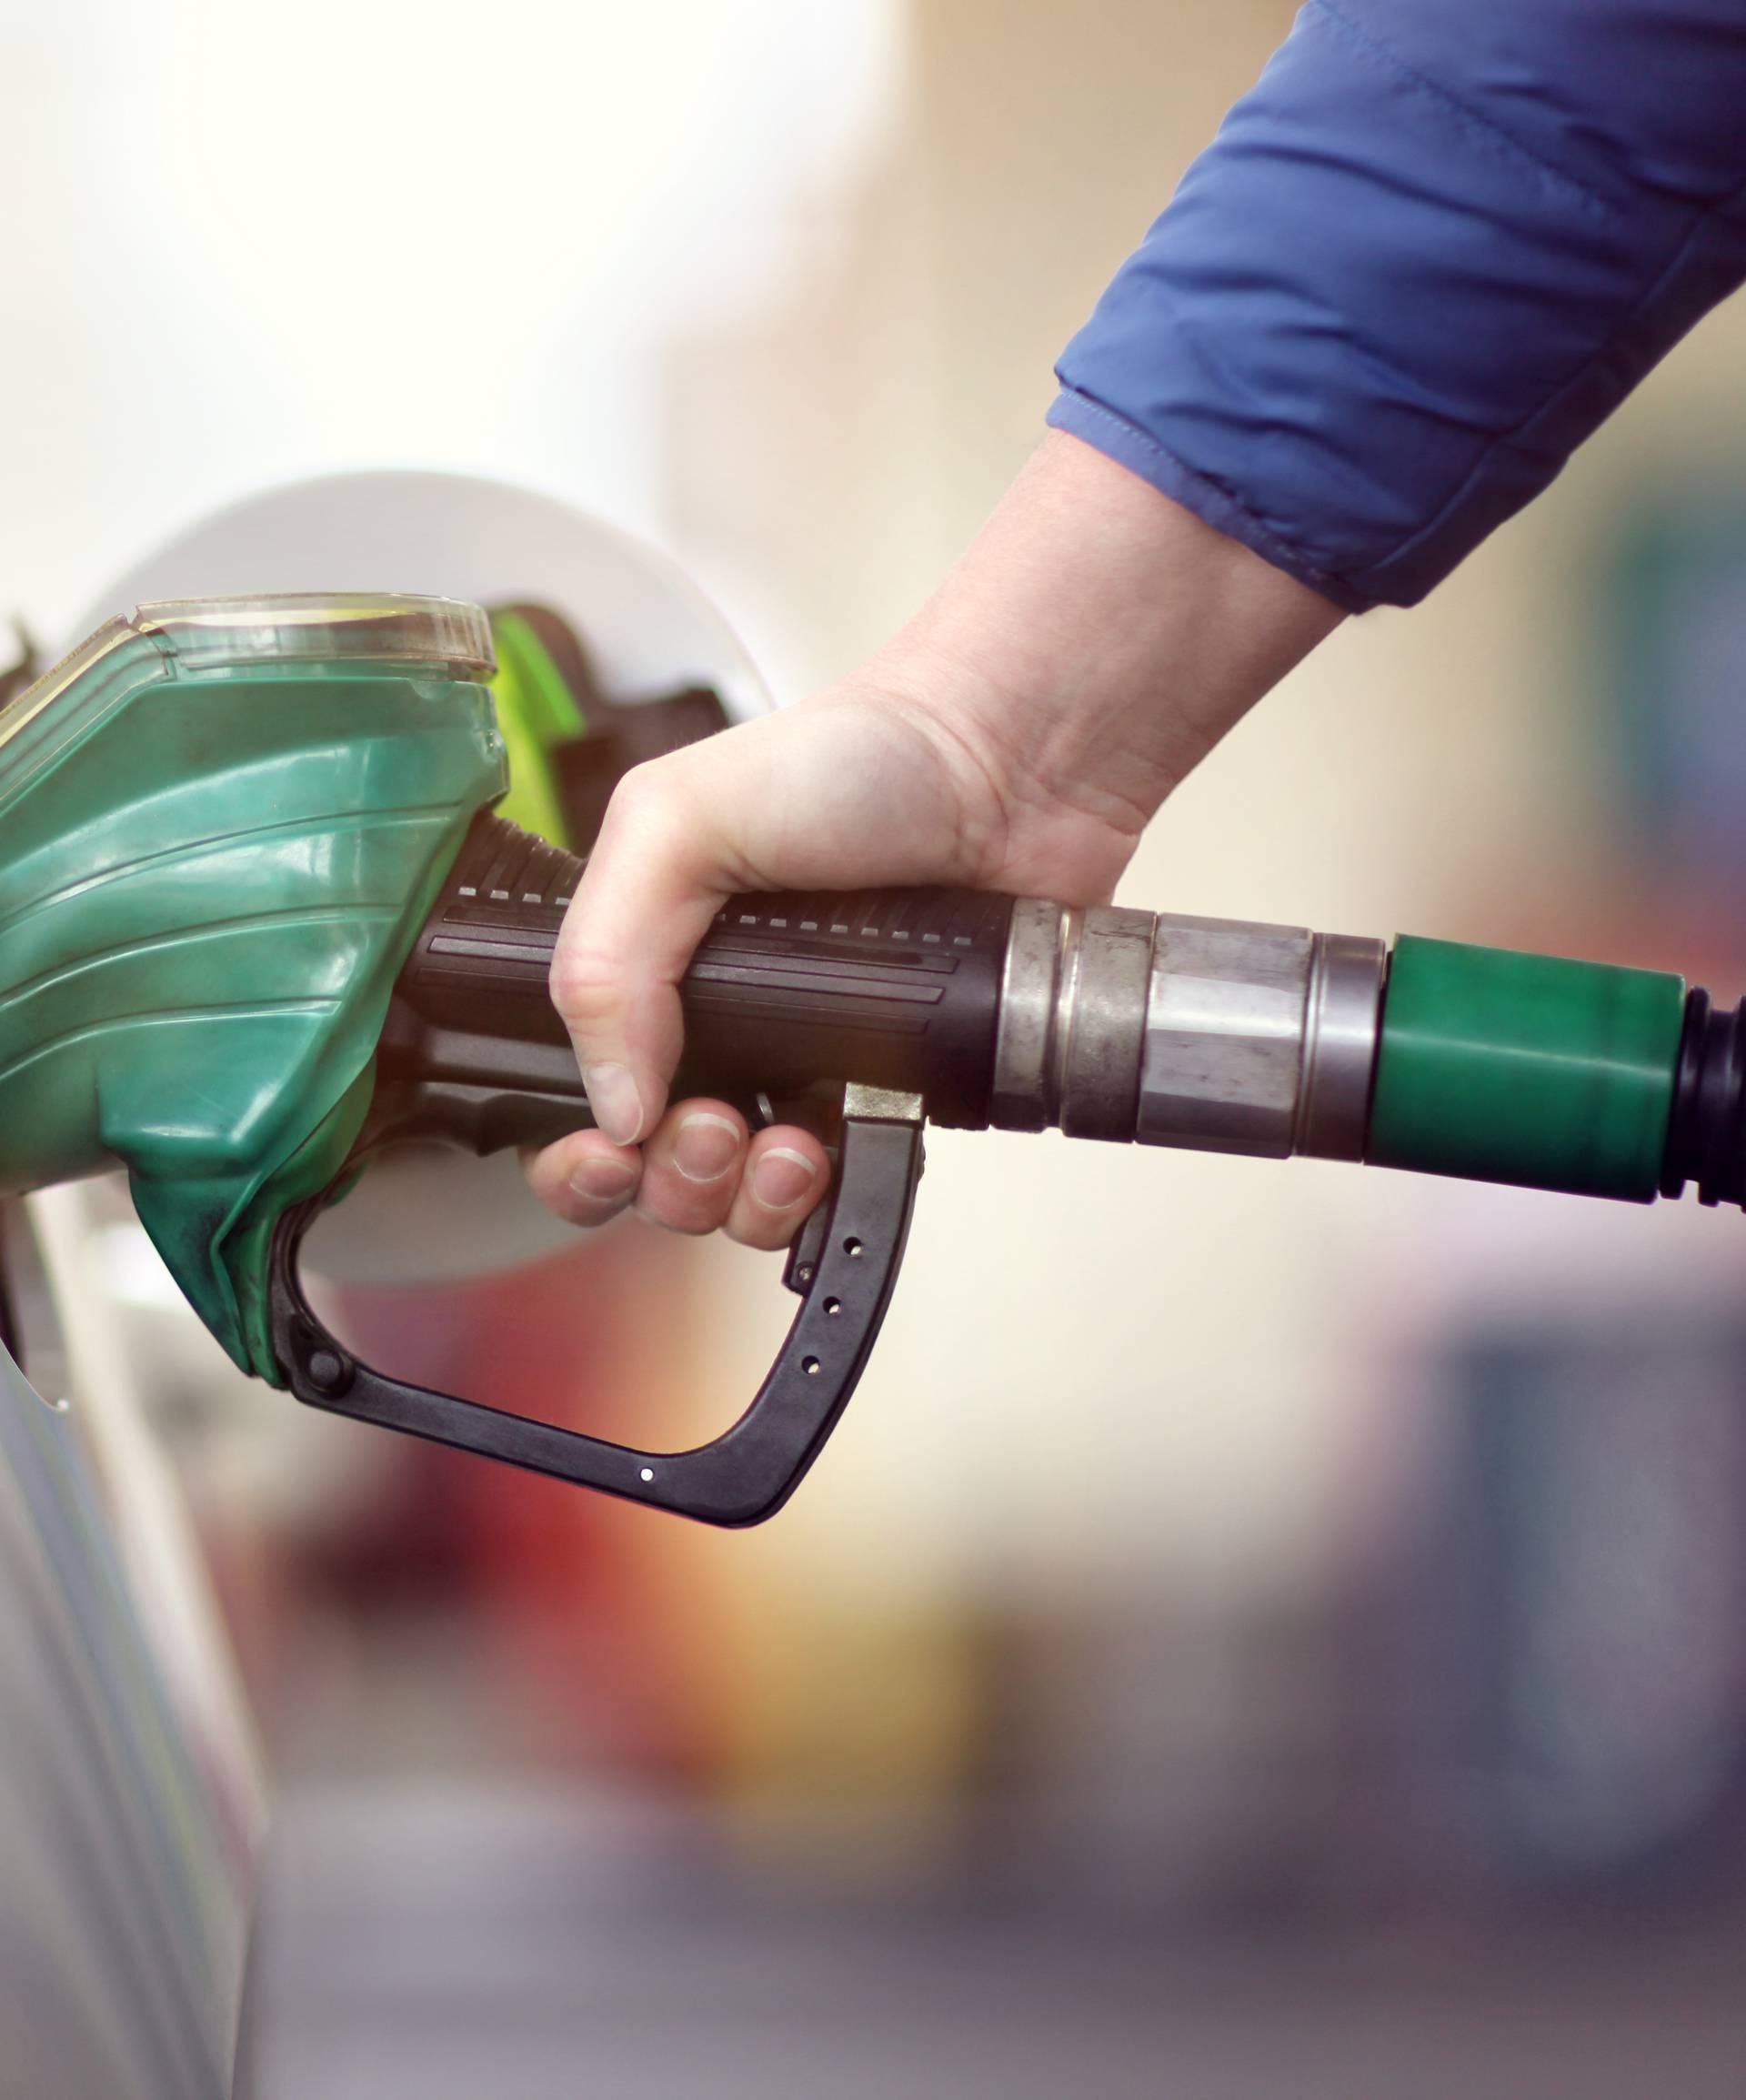 Tko traži jeftinije gorivo na putu s mora, imat će za dvije kave